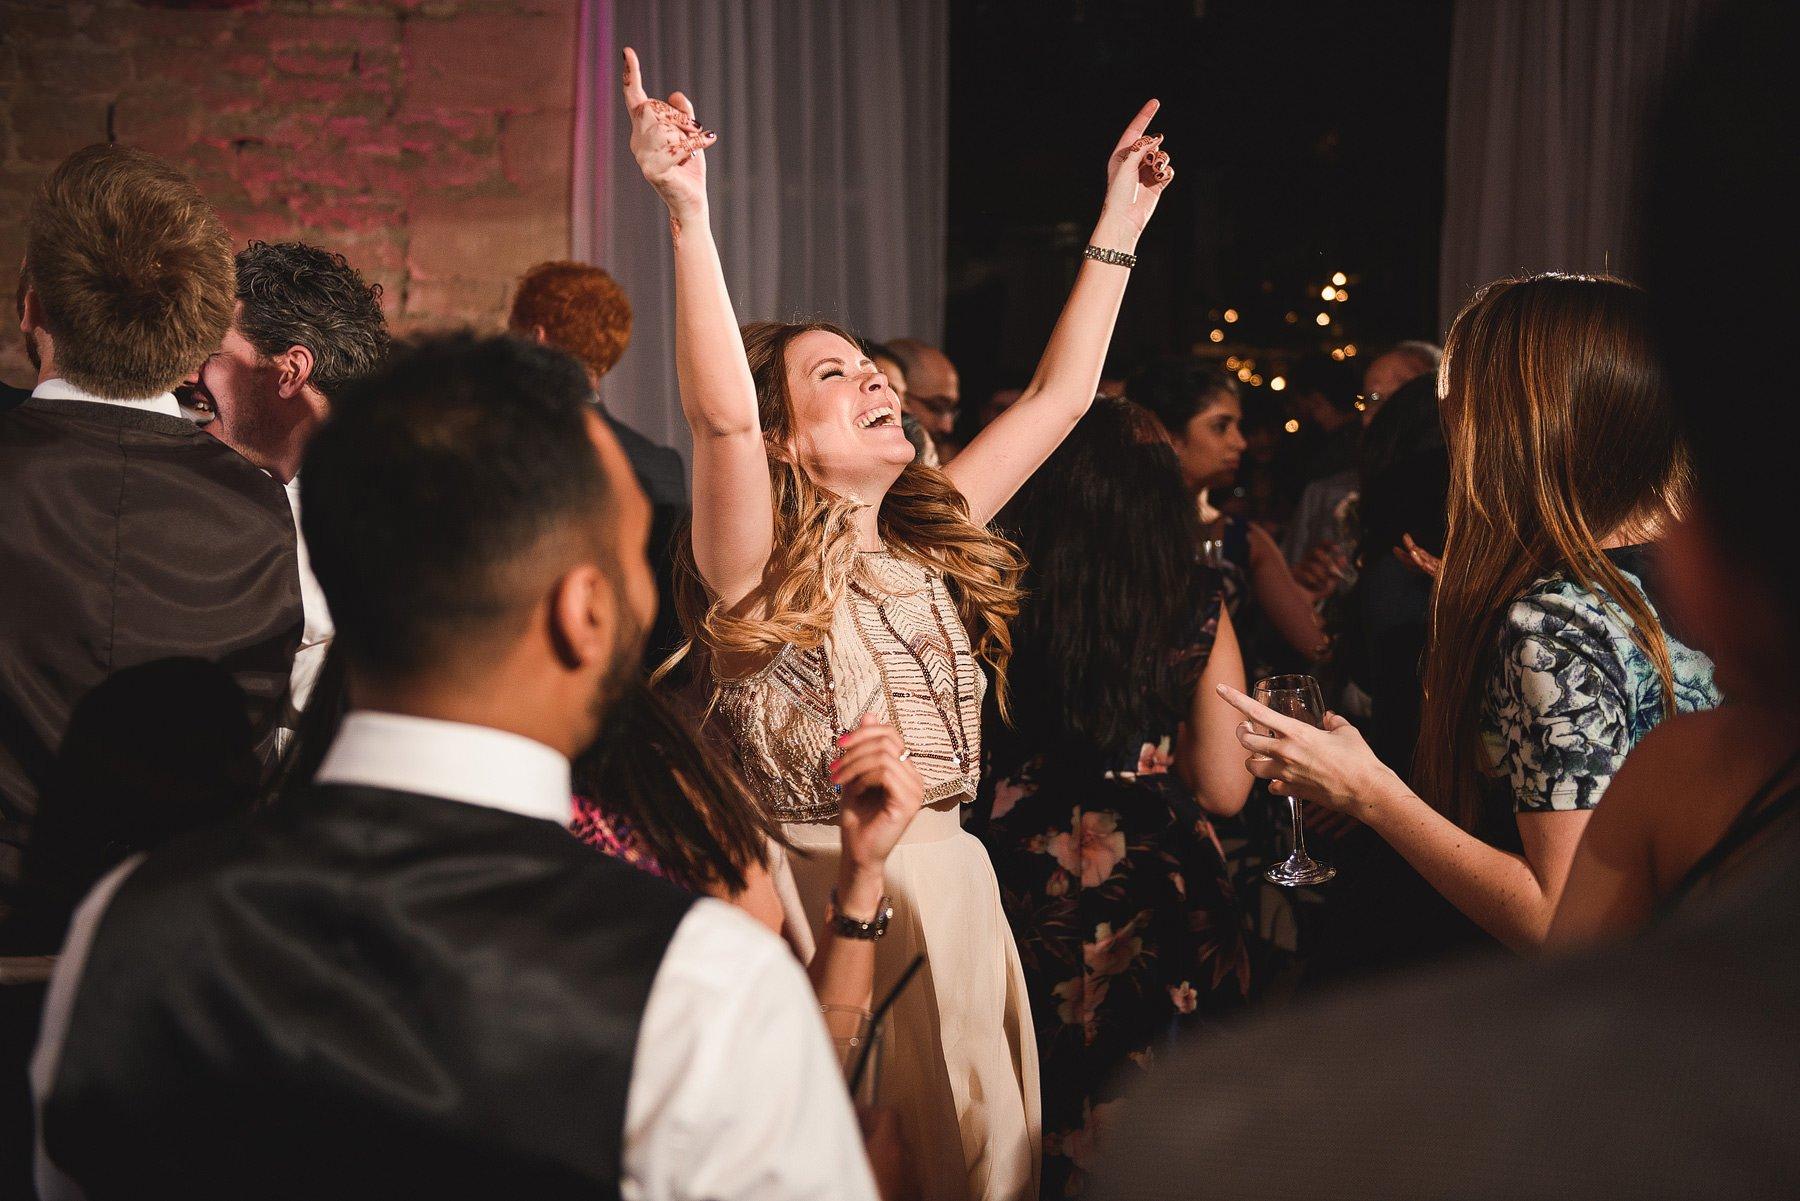 bridesmaid dancing at a wedding